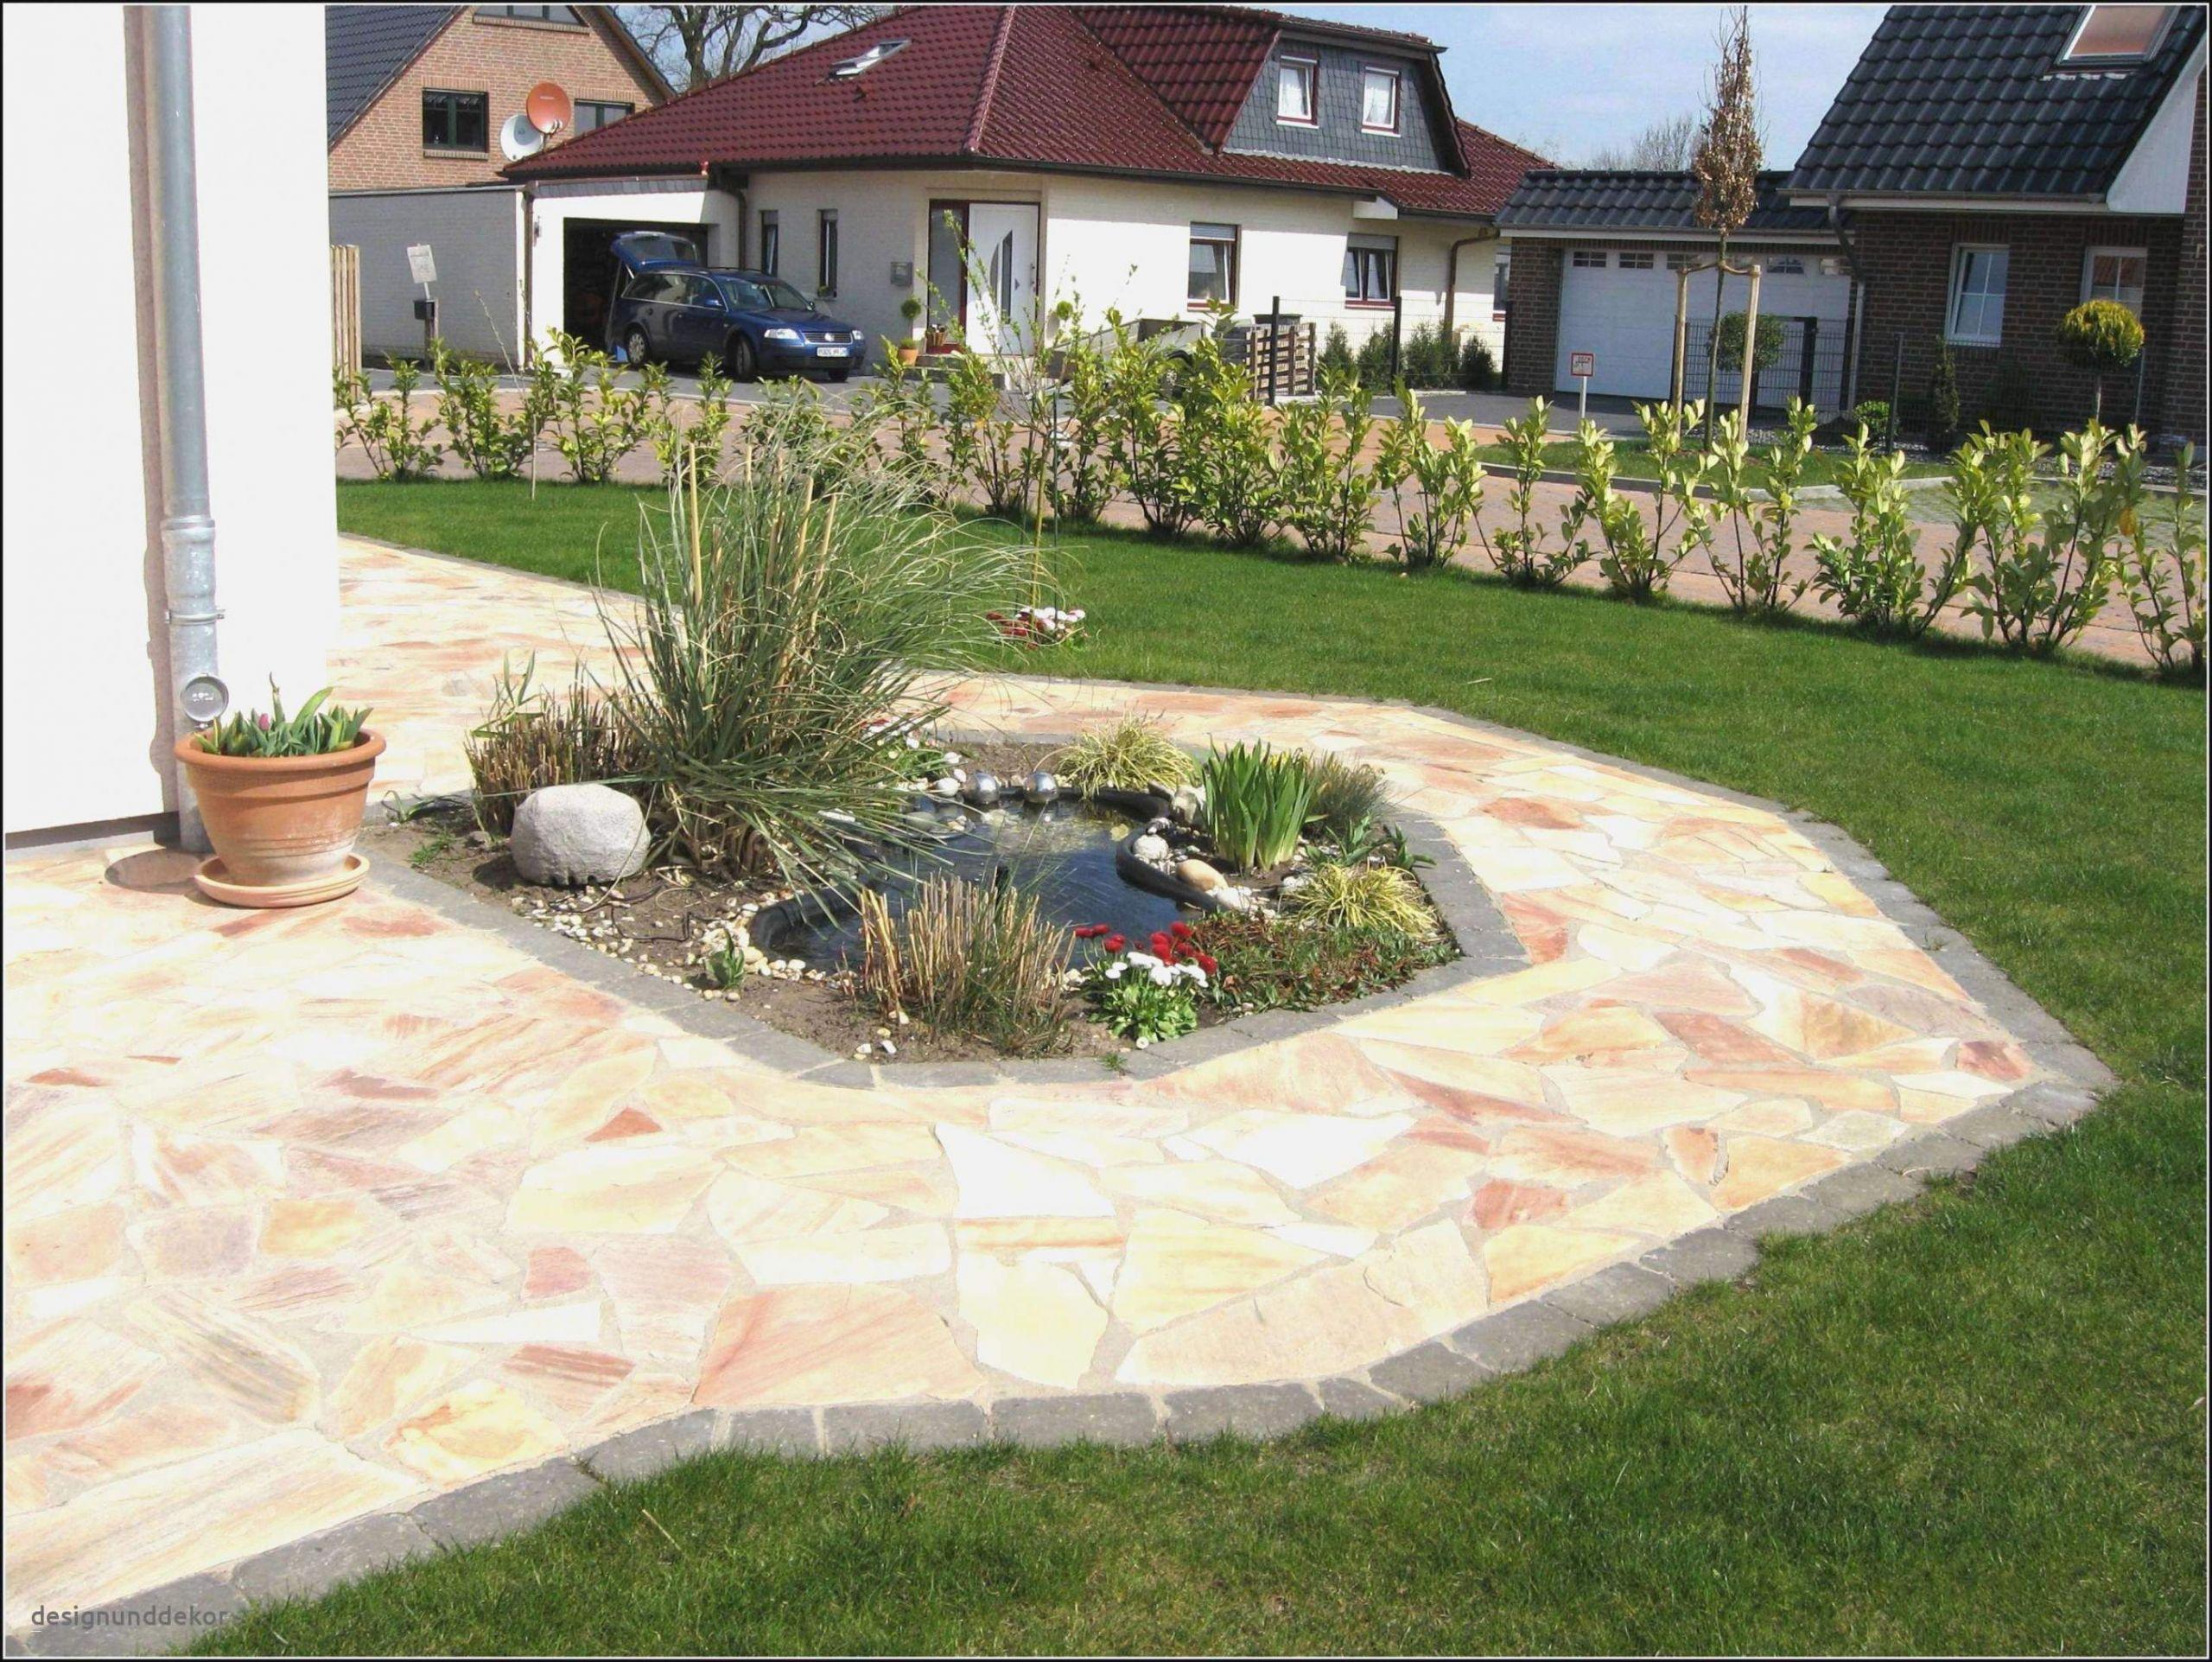 Garten Gestalten Mit Steinen Inspirierend 40 Luxus Garten Gestalten Mit Steinen Inspirierend